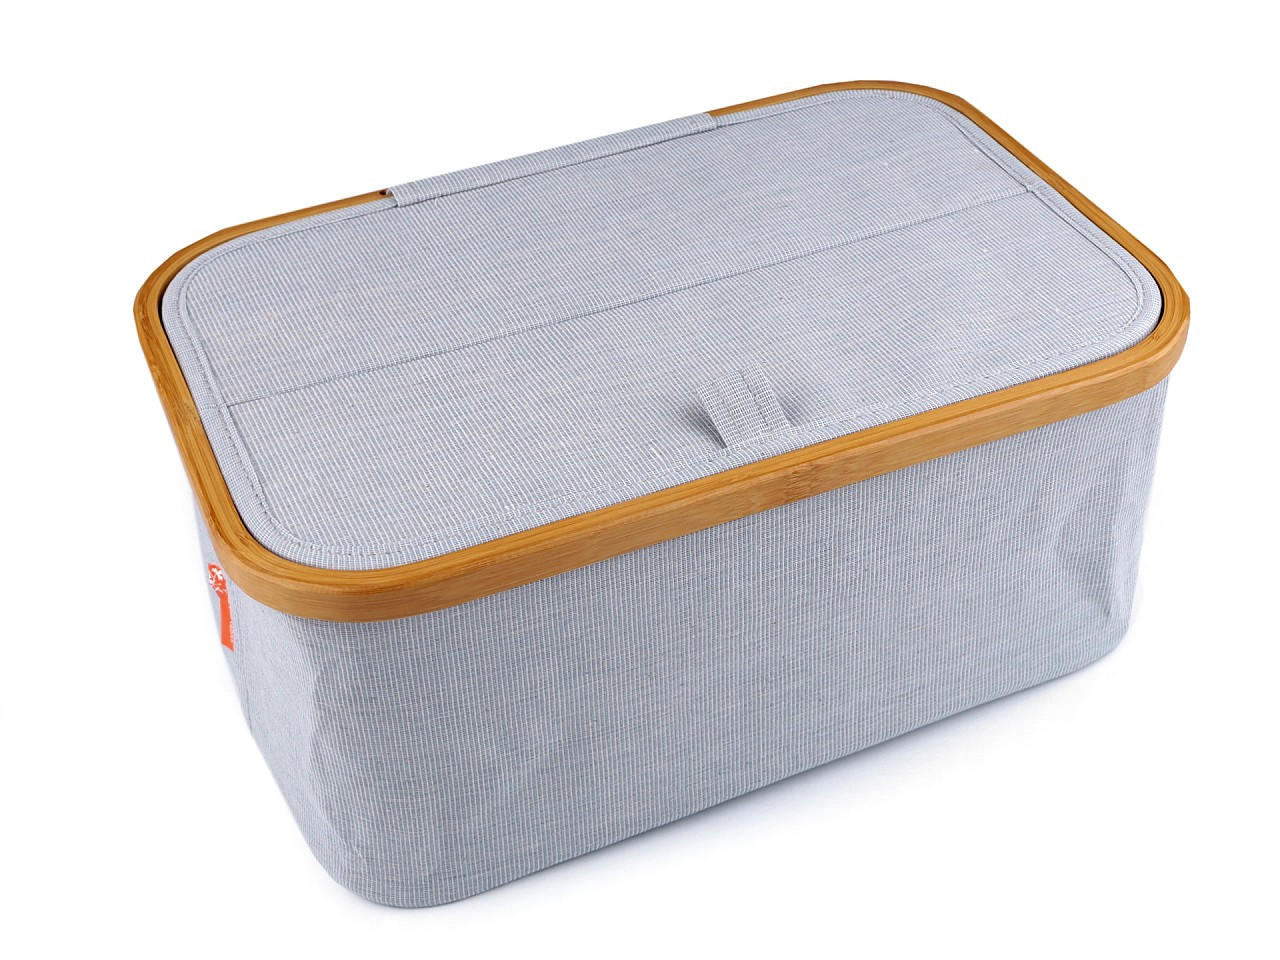 Skládací box na šicí potřeby a pletení, barva 1 modrá sv.